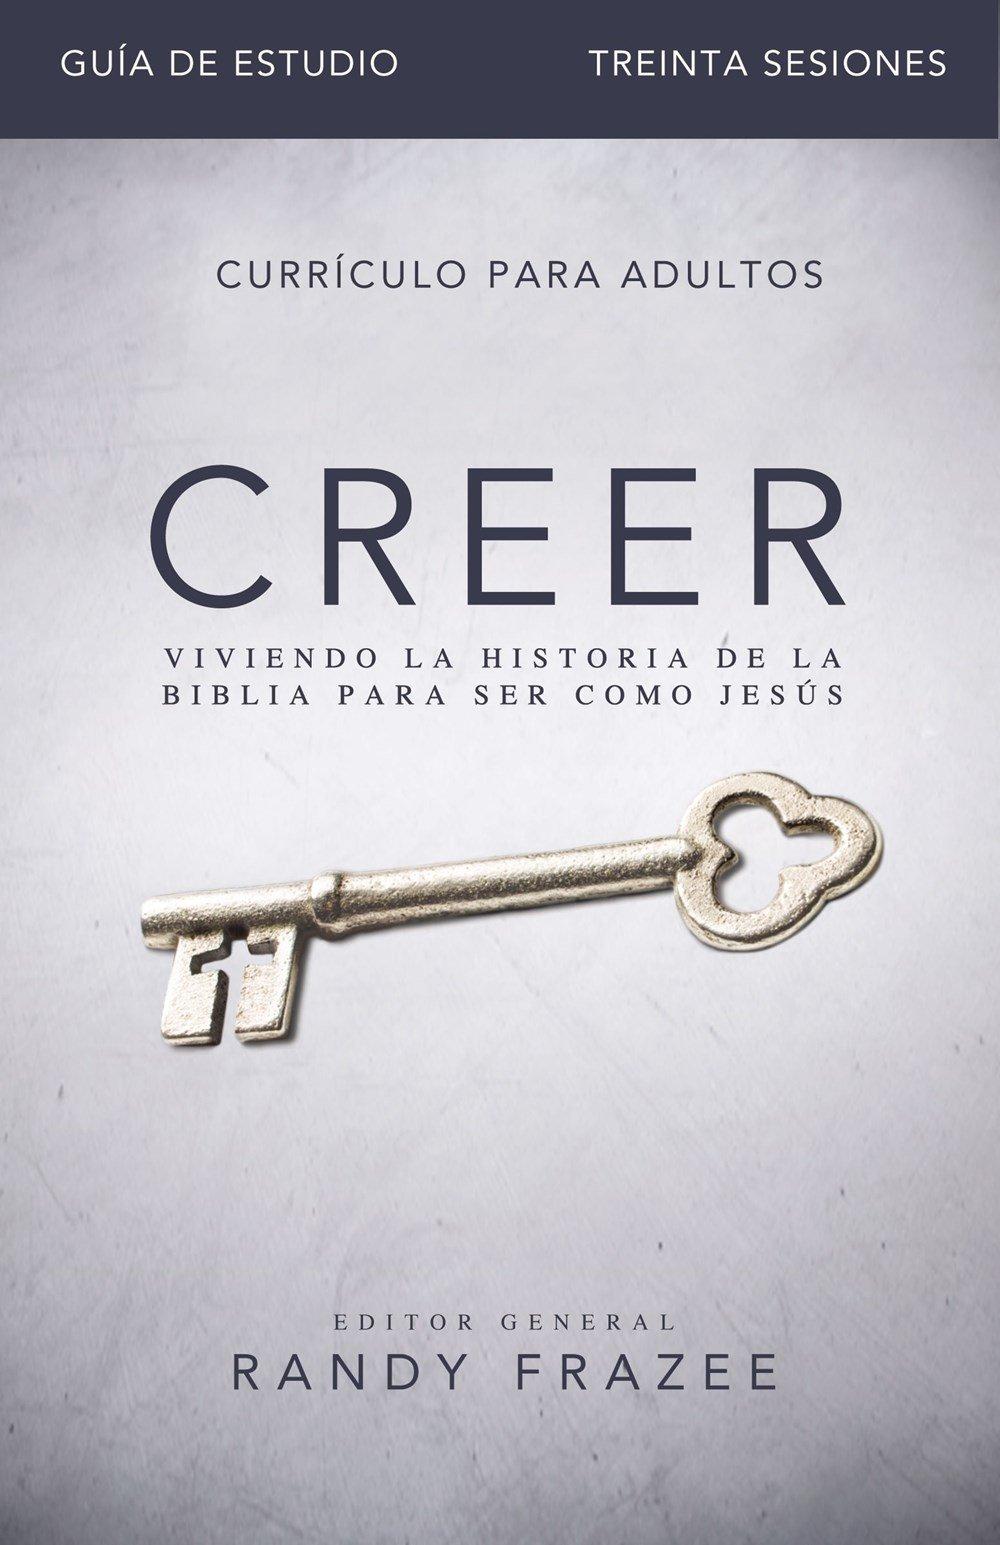 Creer - Guía de estudio: Viviendo la historia de la Biblia para ser como Jesús (Spanish Edition)